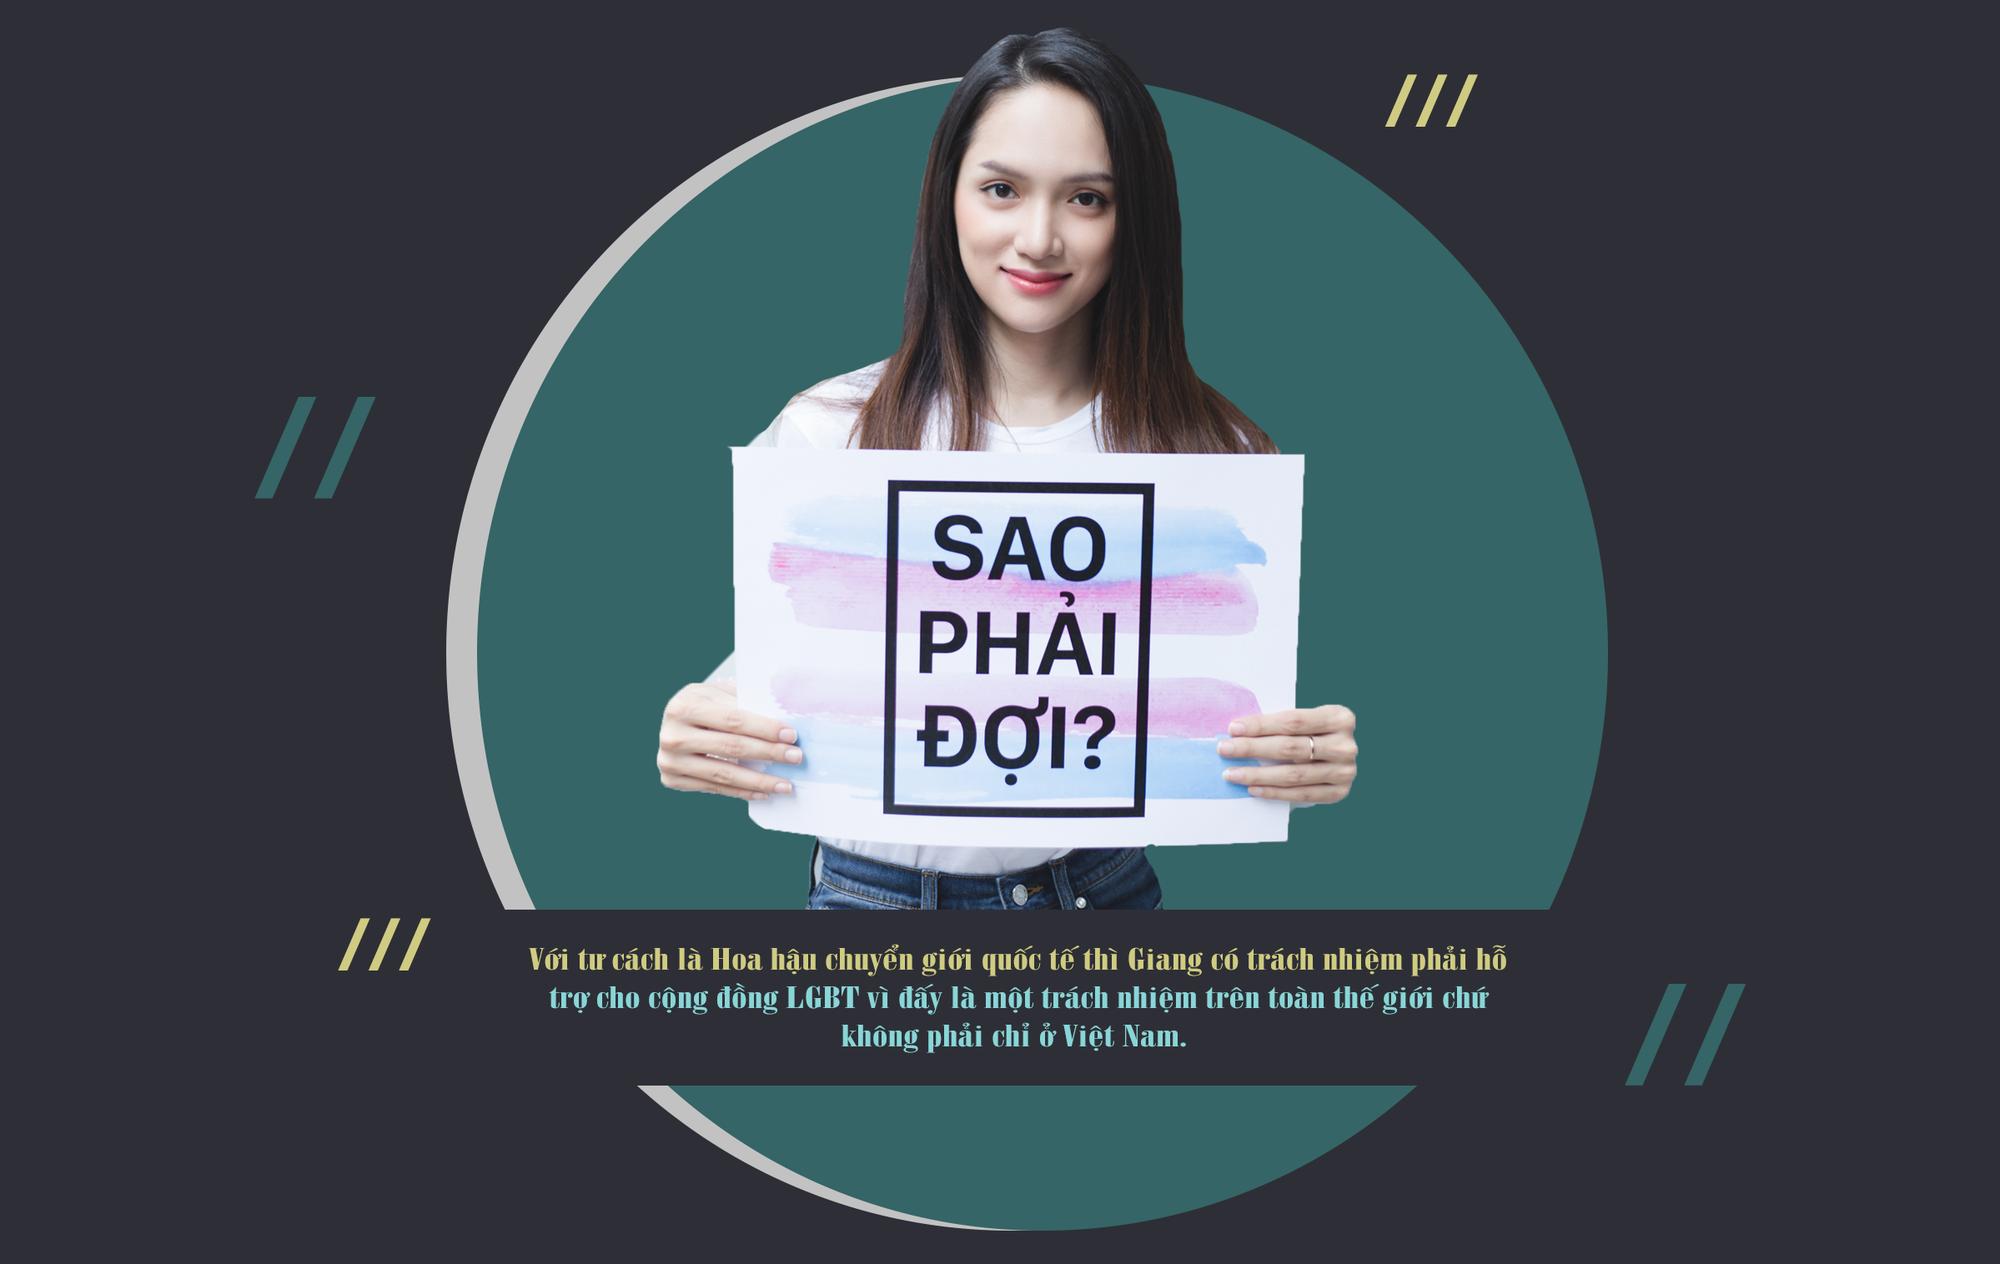 Hoa hậu Hương Giang: 'Tôi tha thiết mong cộng đồng LGBT cùng lên tiếng thúc đẩy quyền của người chuyển giới' - Ảnh 2.